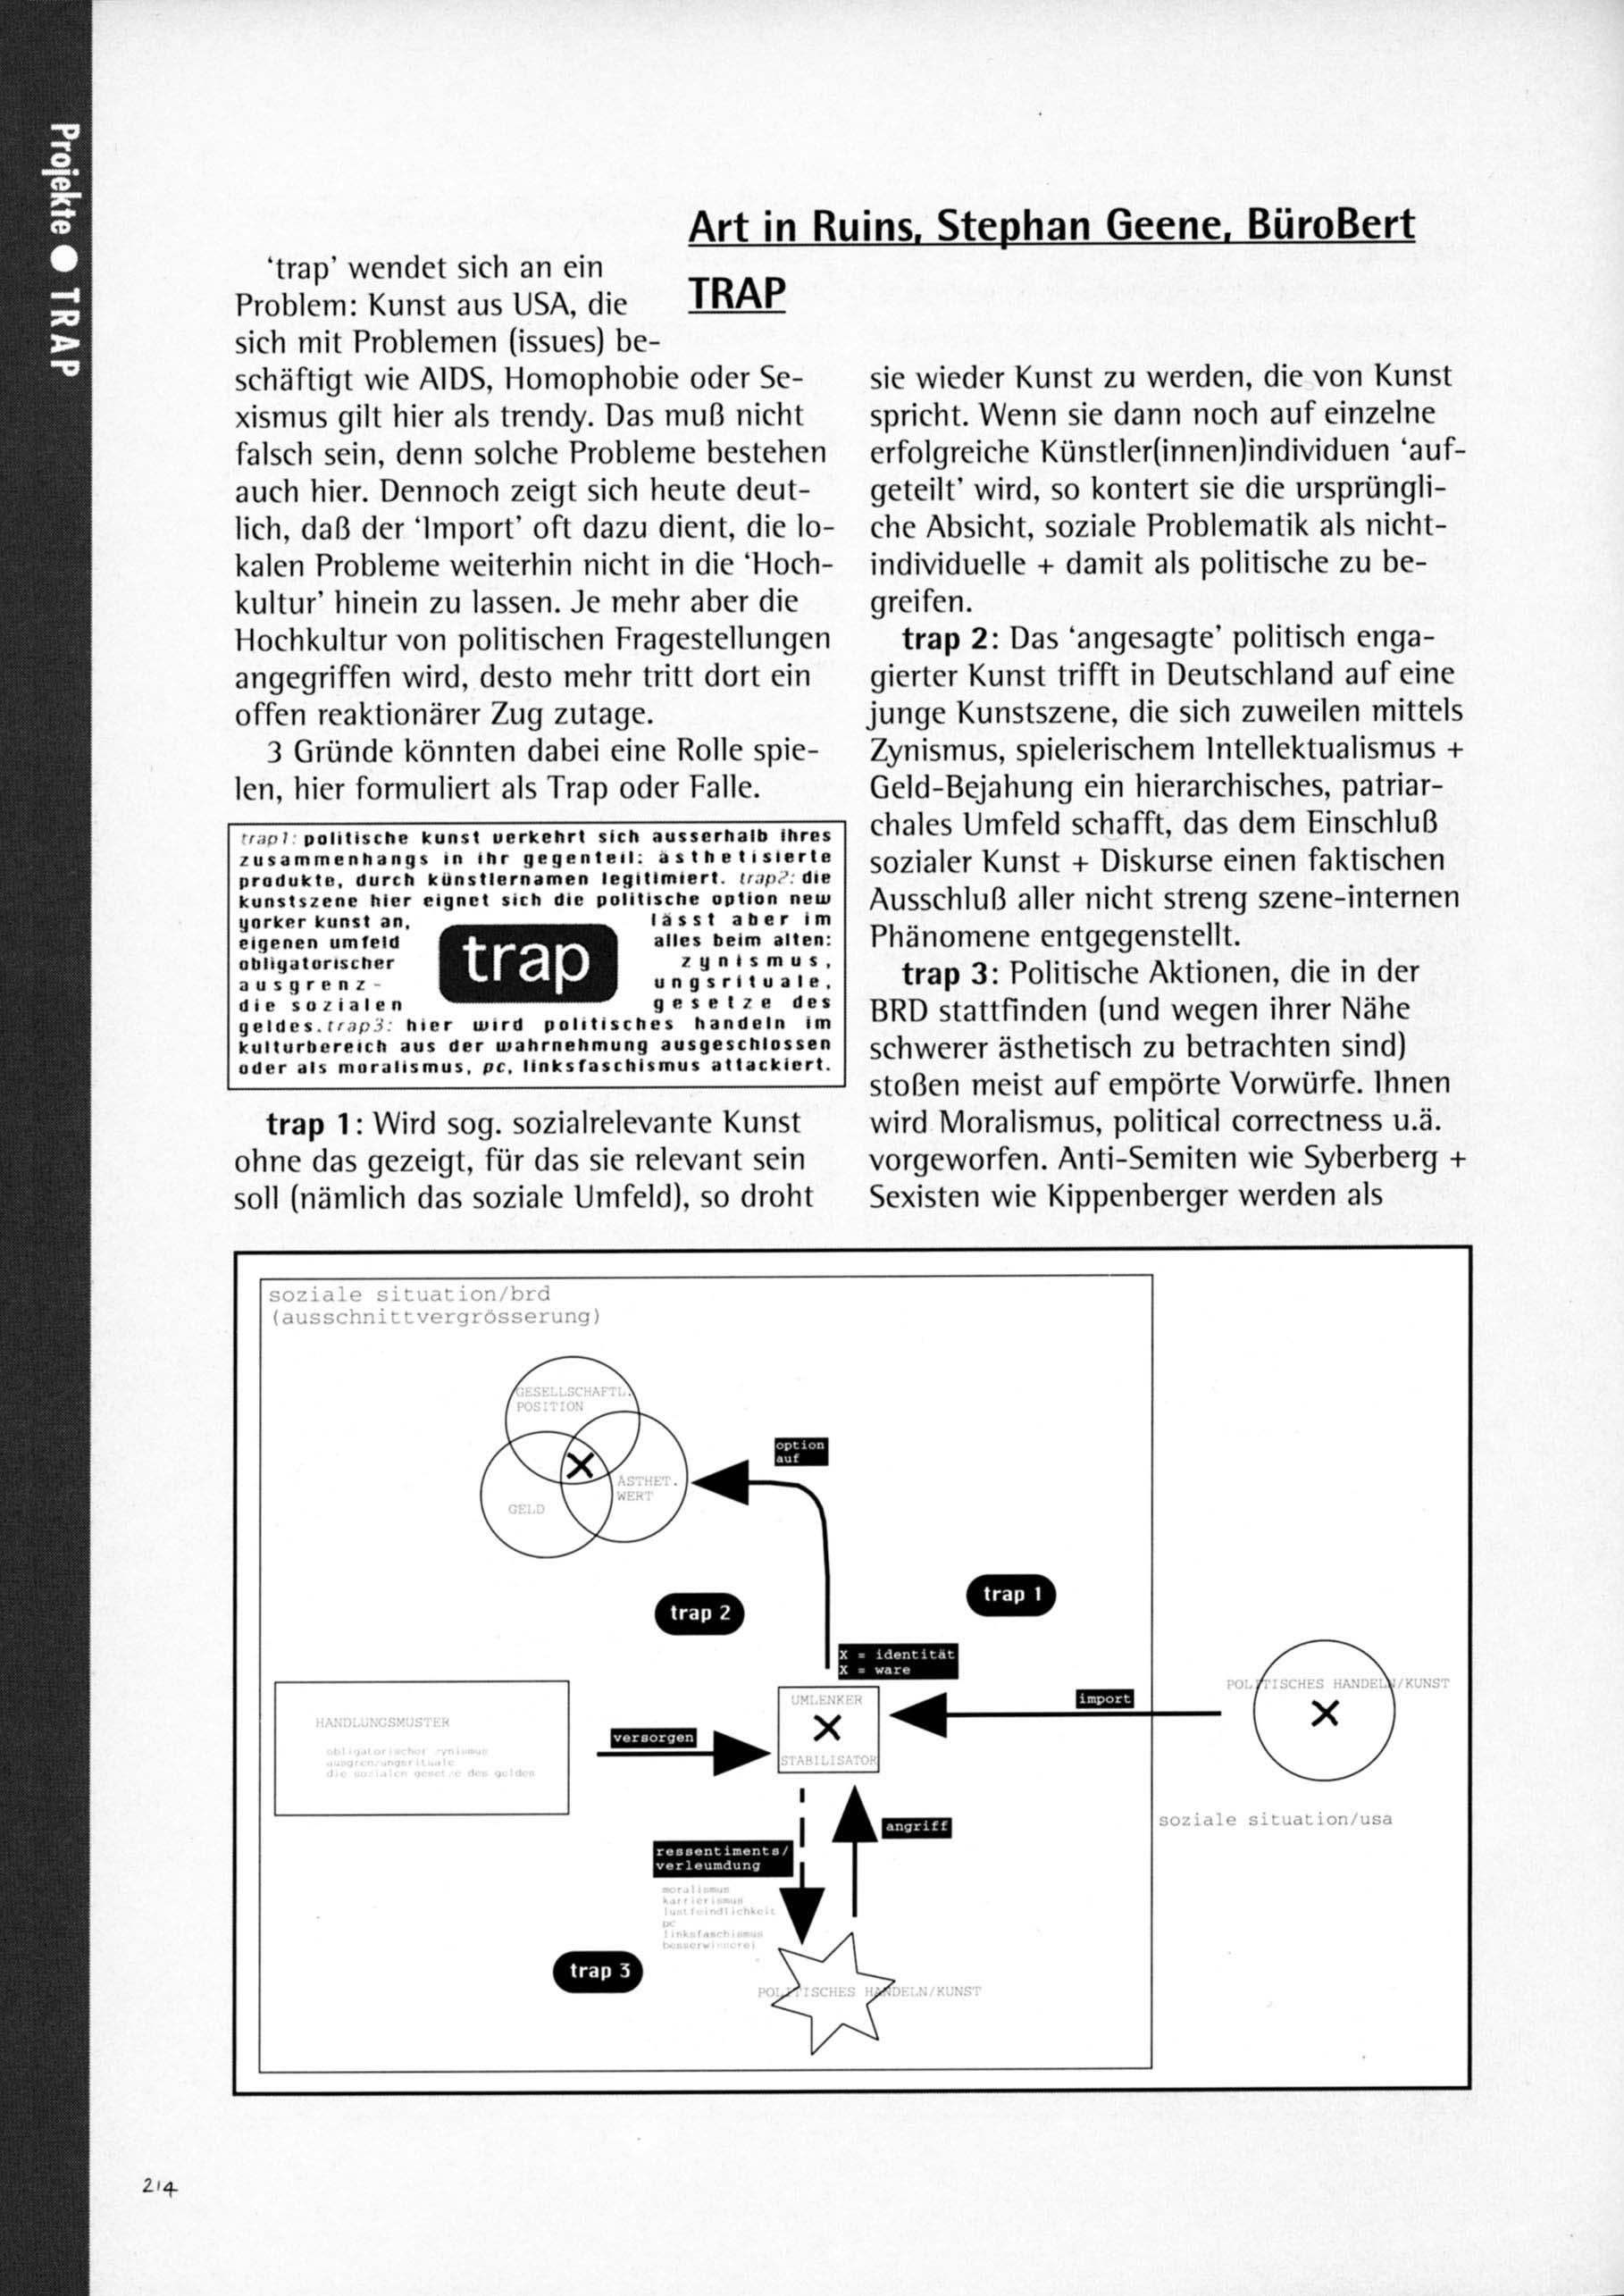 """""""trap"""" documented in 'COPYSHOP: Kunstpraxis & Politische """"Offentlichkeit"""" Ein Sampler von BüroBert' 1993 p214"""